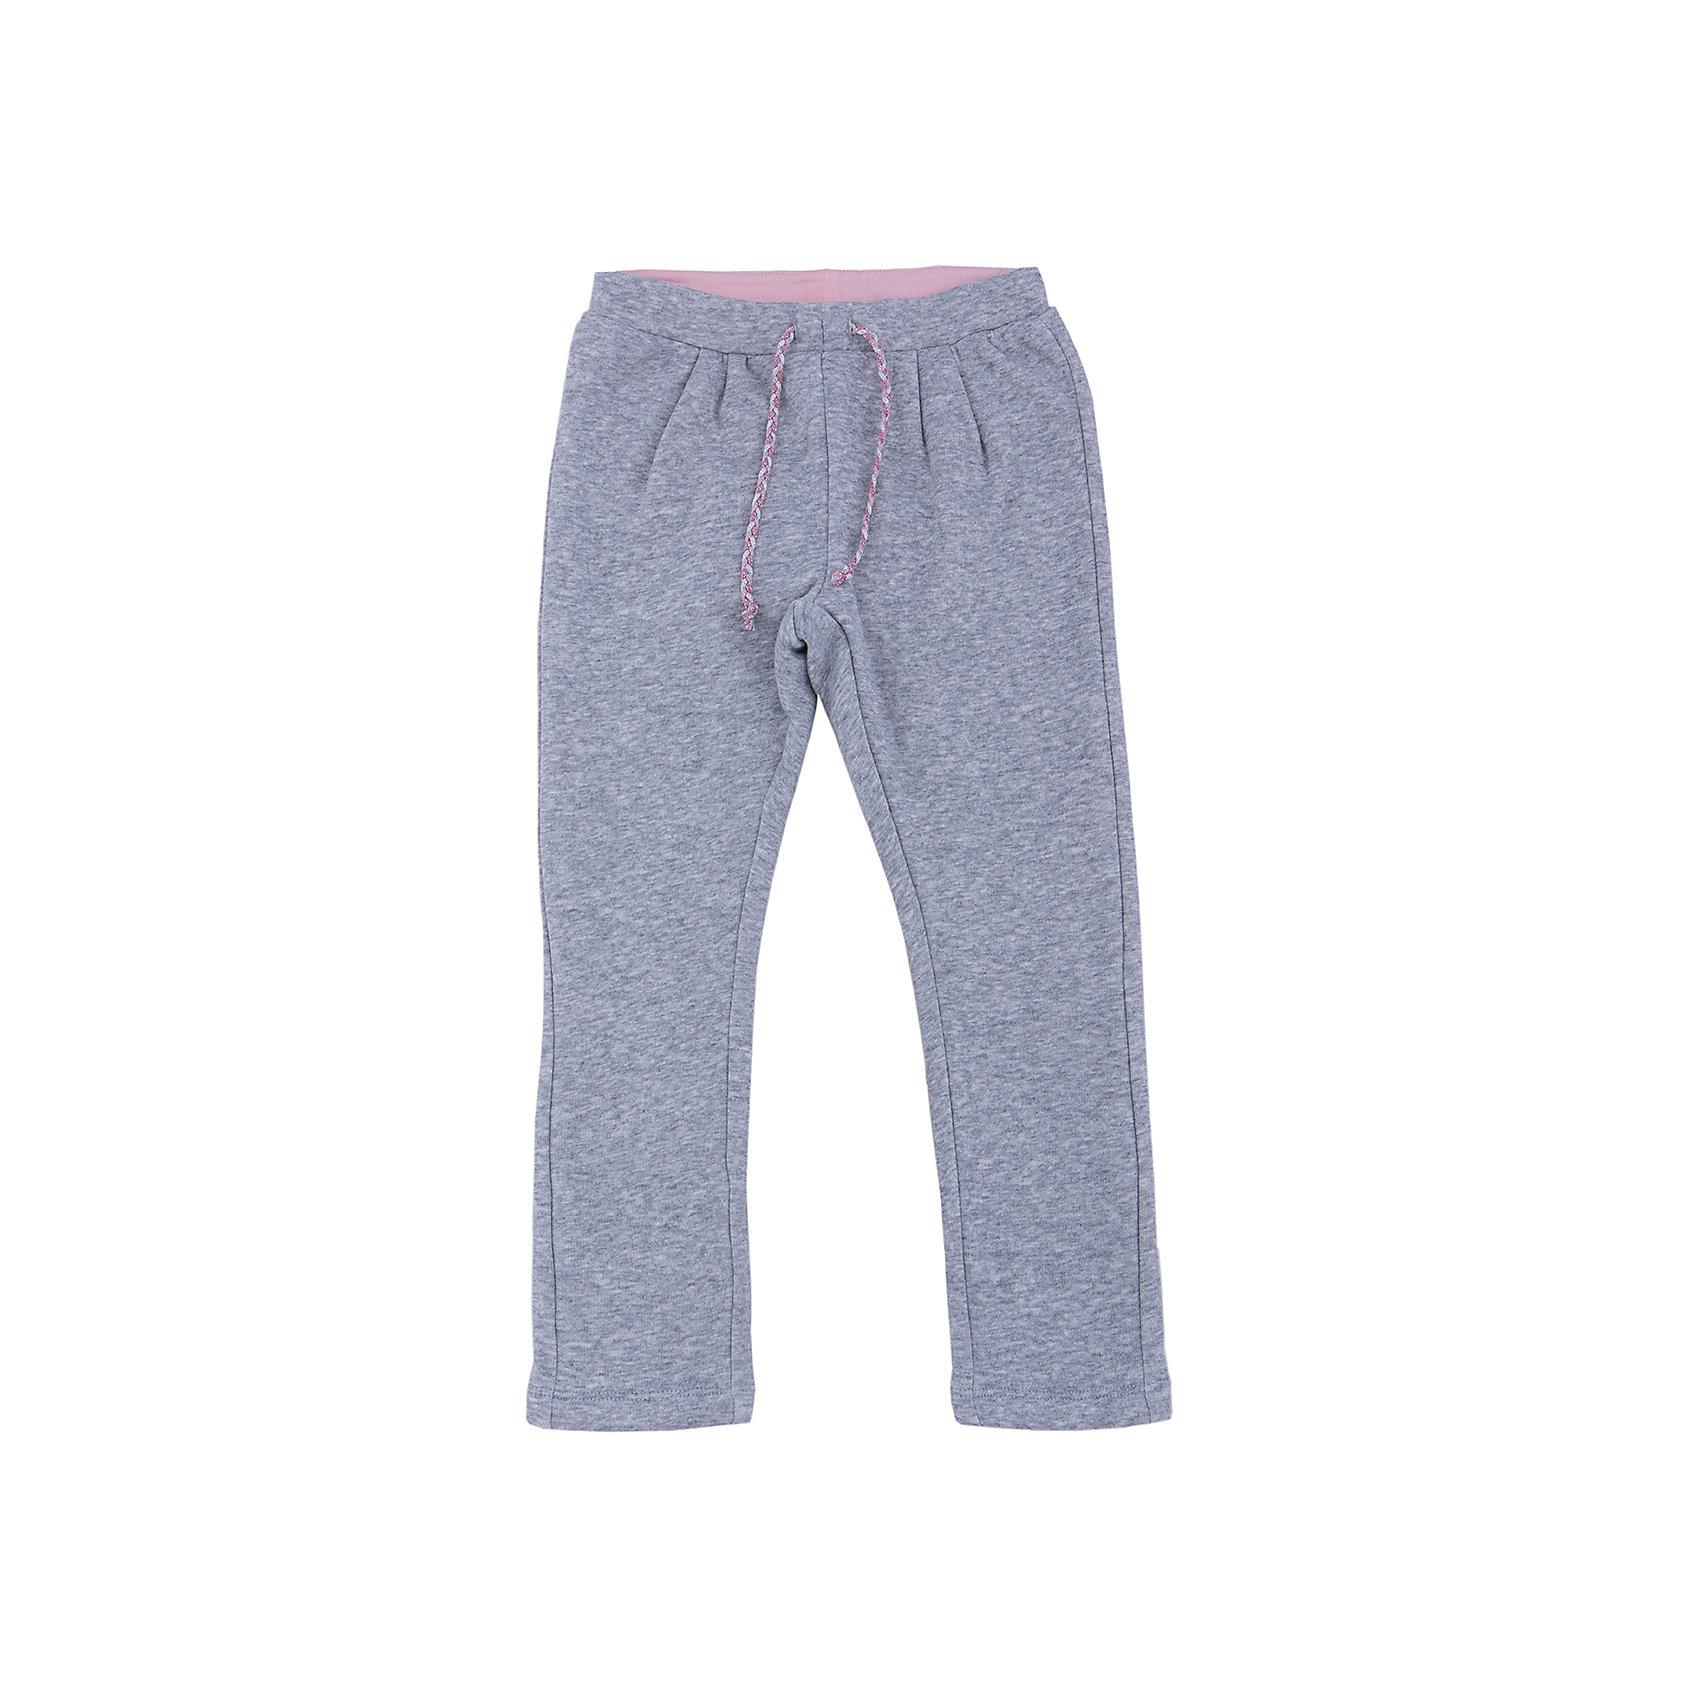 Брюки для девочки SELAСпортивные брюки - незаменимая вещь в детском гардеробе. Эта модель отлично сидит на ребенке, она сшита из приятного на ощупь материала, натуральный хлопок не вызывает аллергии и обеспечивает ребенку комфорт. Модель станет отличной базовой вещью, которая будет уместна в различных сочетаниях.<br>Одежда от бренда Sela (Села) - это качество по приемлемым ценам. Многие российские родители уже оценили преимущества продукции этой компании и всё чаще приобретают одежду и аксессуары Sela.<br><br>Дополнительная информация:<br><br>цвет: серый;<br>материал: 50 % хлопок, 50% ПЭ;<br>плотный материал;<br>шнурок и резинка в поясе.<br><br>Брюки для девочки от бренда Sela можно купить в нашем интернет-магазине.<br><br>Ширина мм: 215<br>Глубина мм: 88<br>Высота мм: 191<br>Вес г: 336<br>Цвет: серый<br>Возраст от месяцев: 24<br>Возраст до месяцев: 36<br>Пол: Женский<br>Возраст: Детский<br>Размер: 98,116,110,104<br>SKU: 4944044